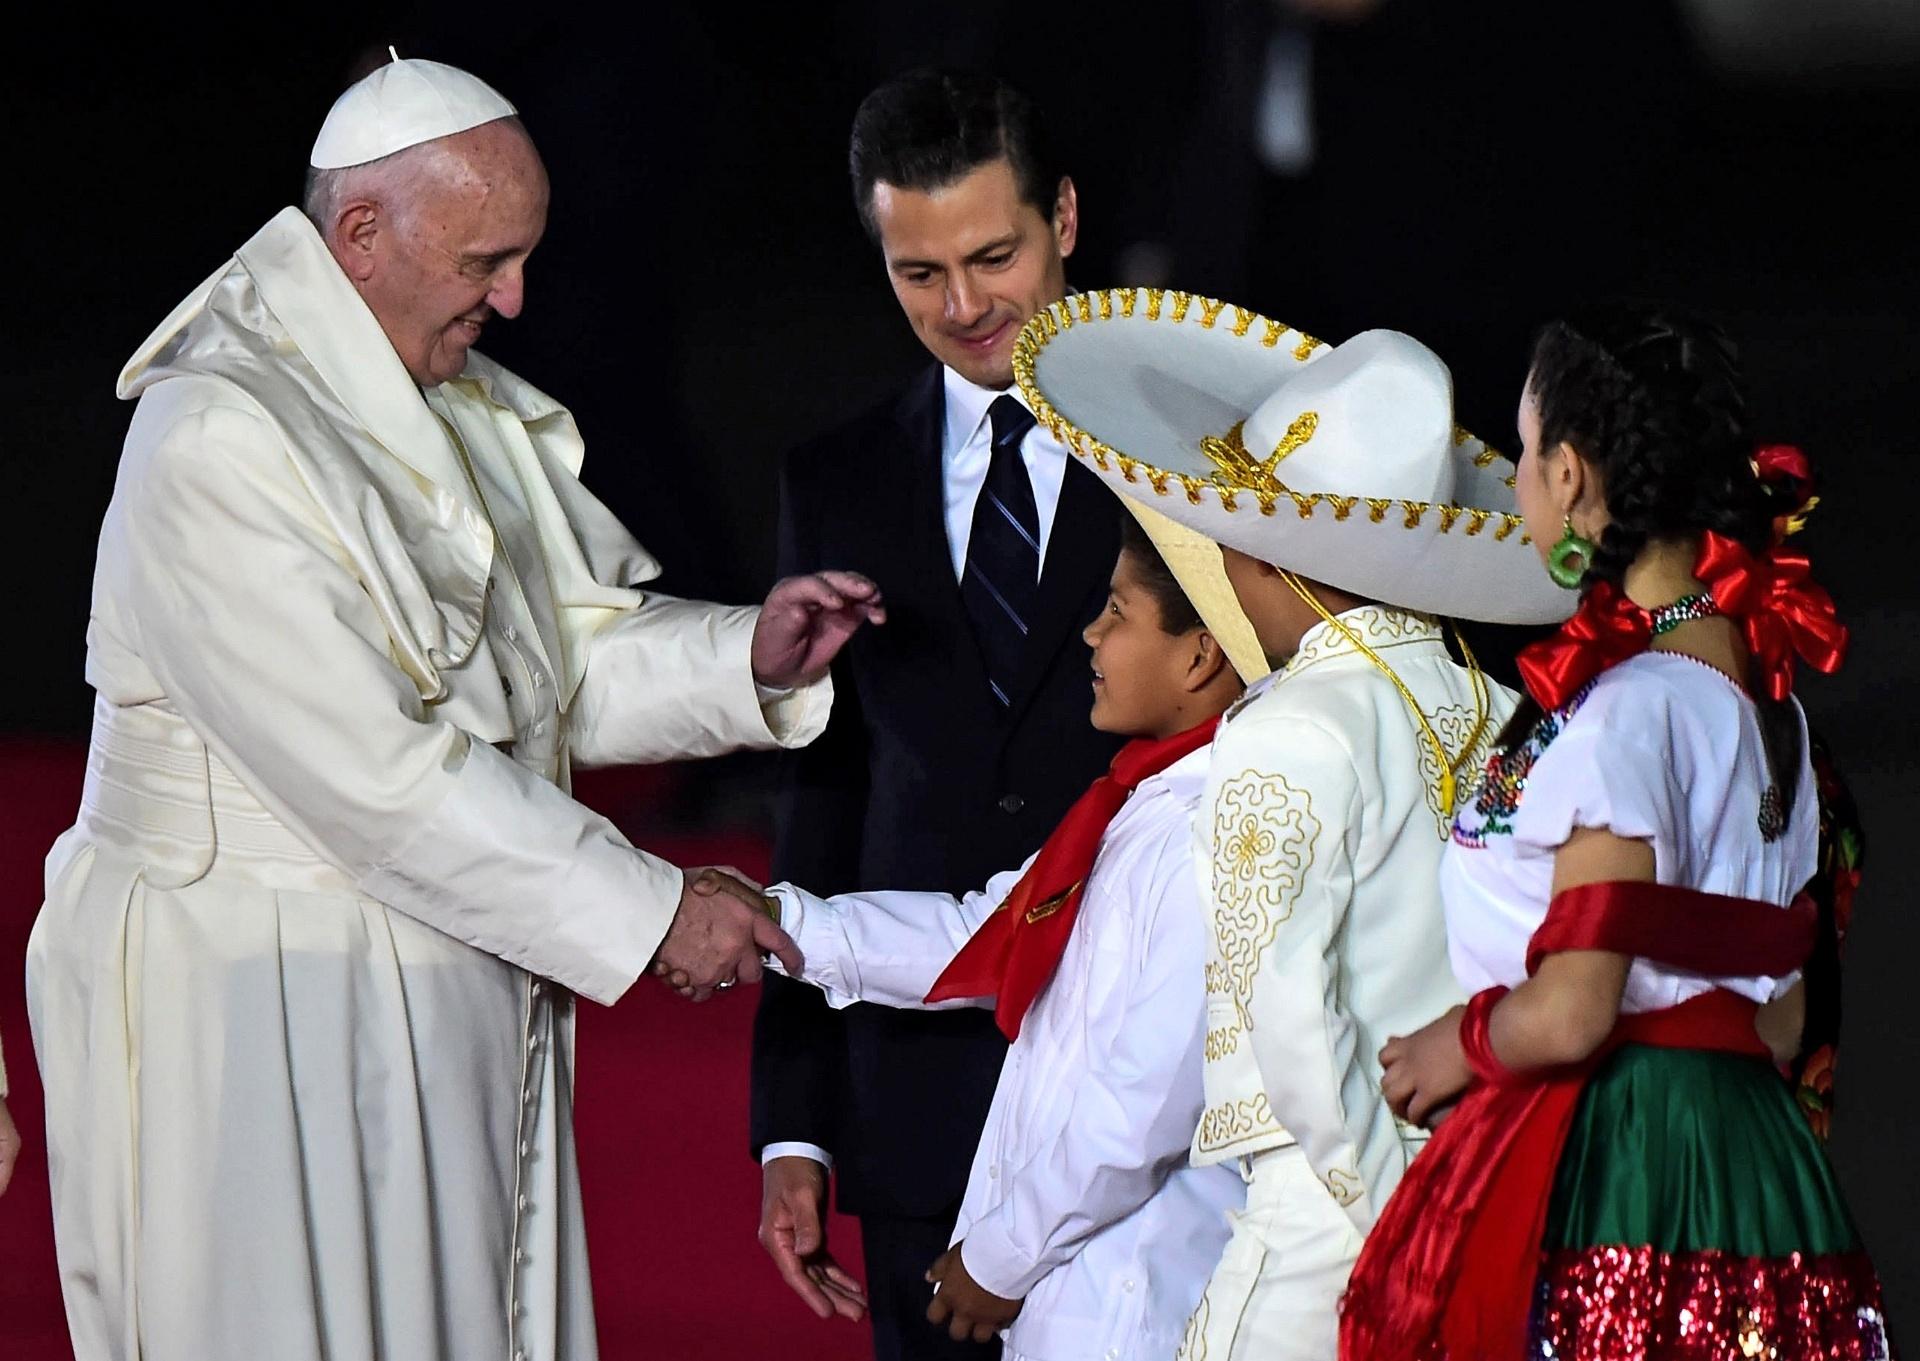 13.fev.2016 - Ao lado do presidente Enrique Pena Nieto, o Papa Francisco cumprimenta crianças mexicanas logo após sua chegada ao aeroporto internacional Benito Juarez, na Cidade do México. O papa começou nesta sexta-feira (horário local) sua primeira visita ao México, onde passará os próximos cinco dias